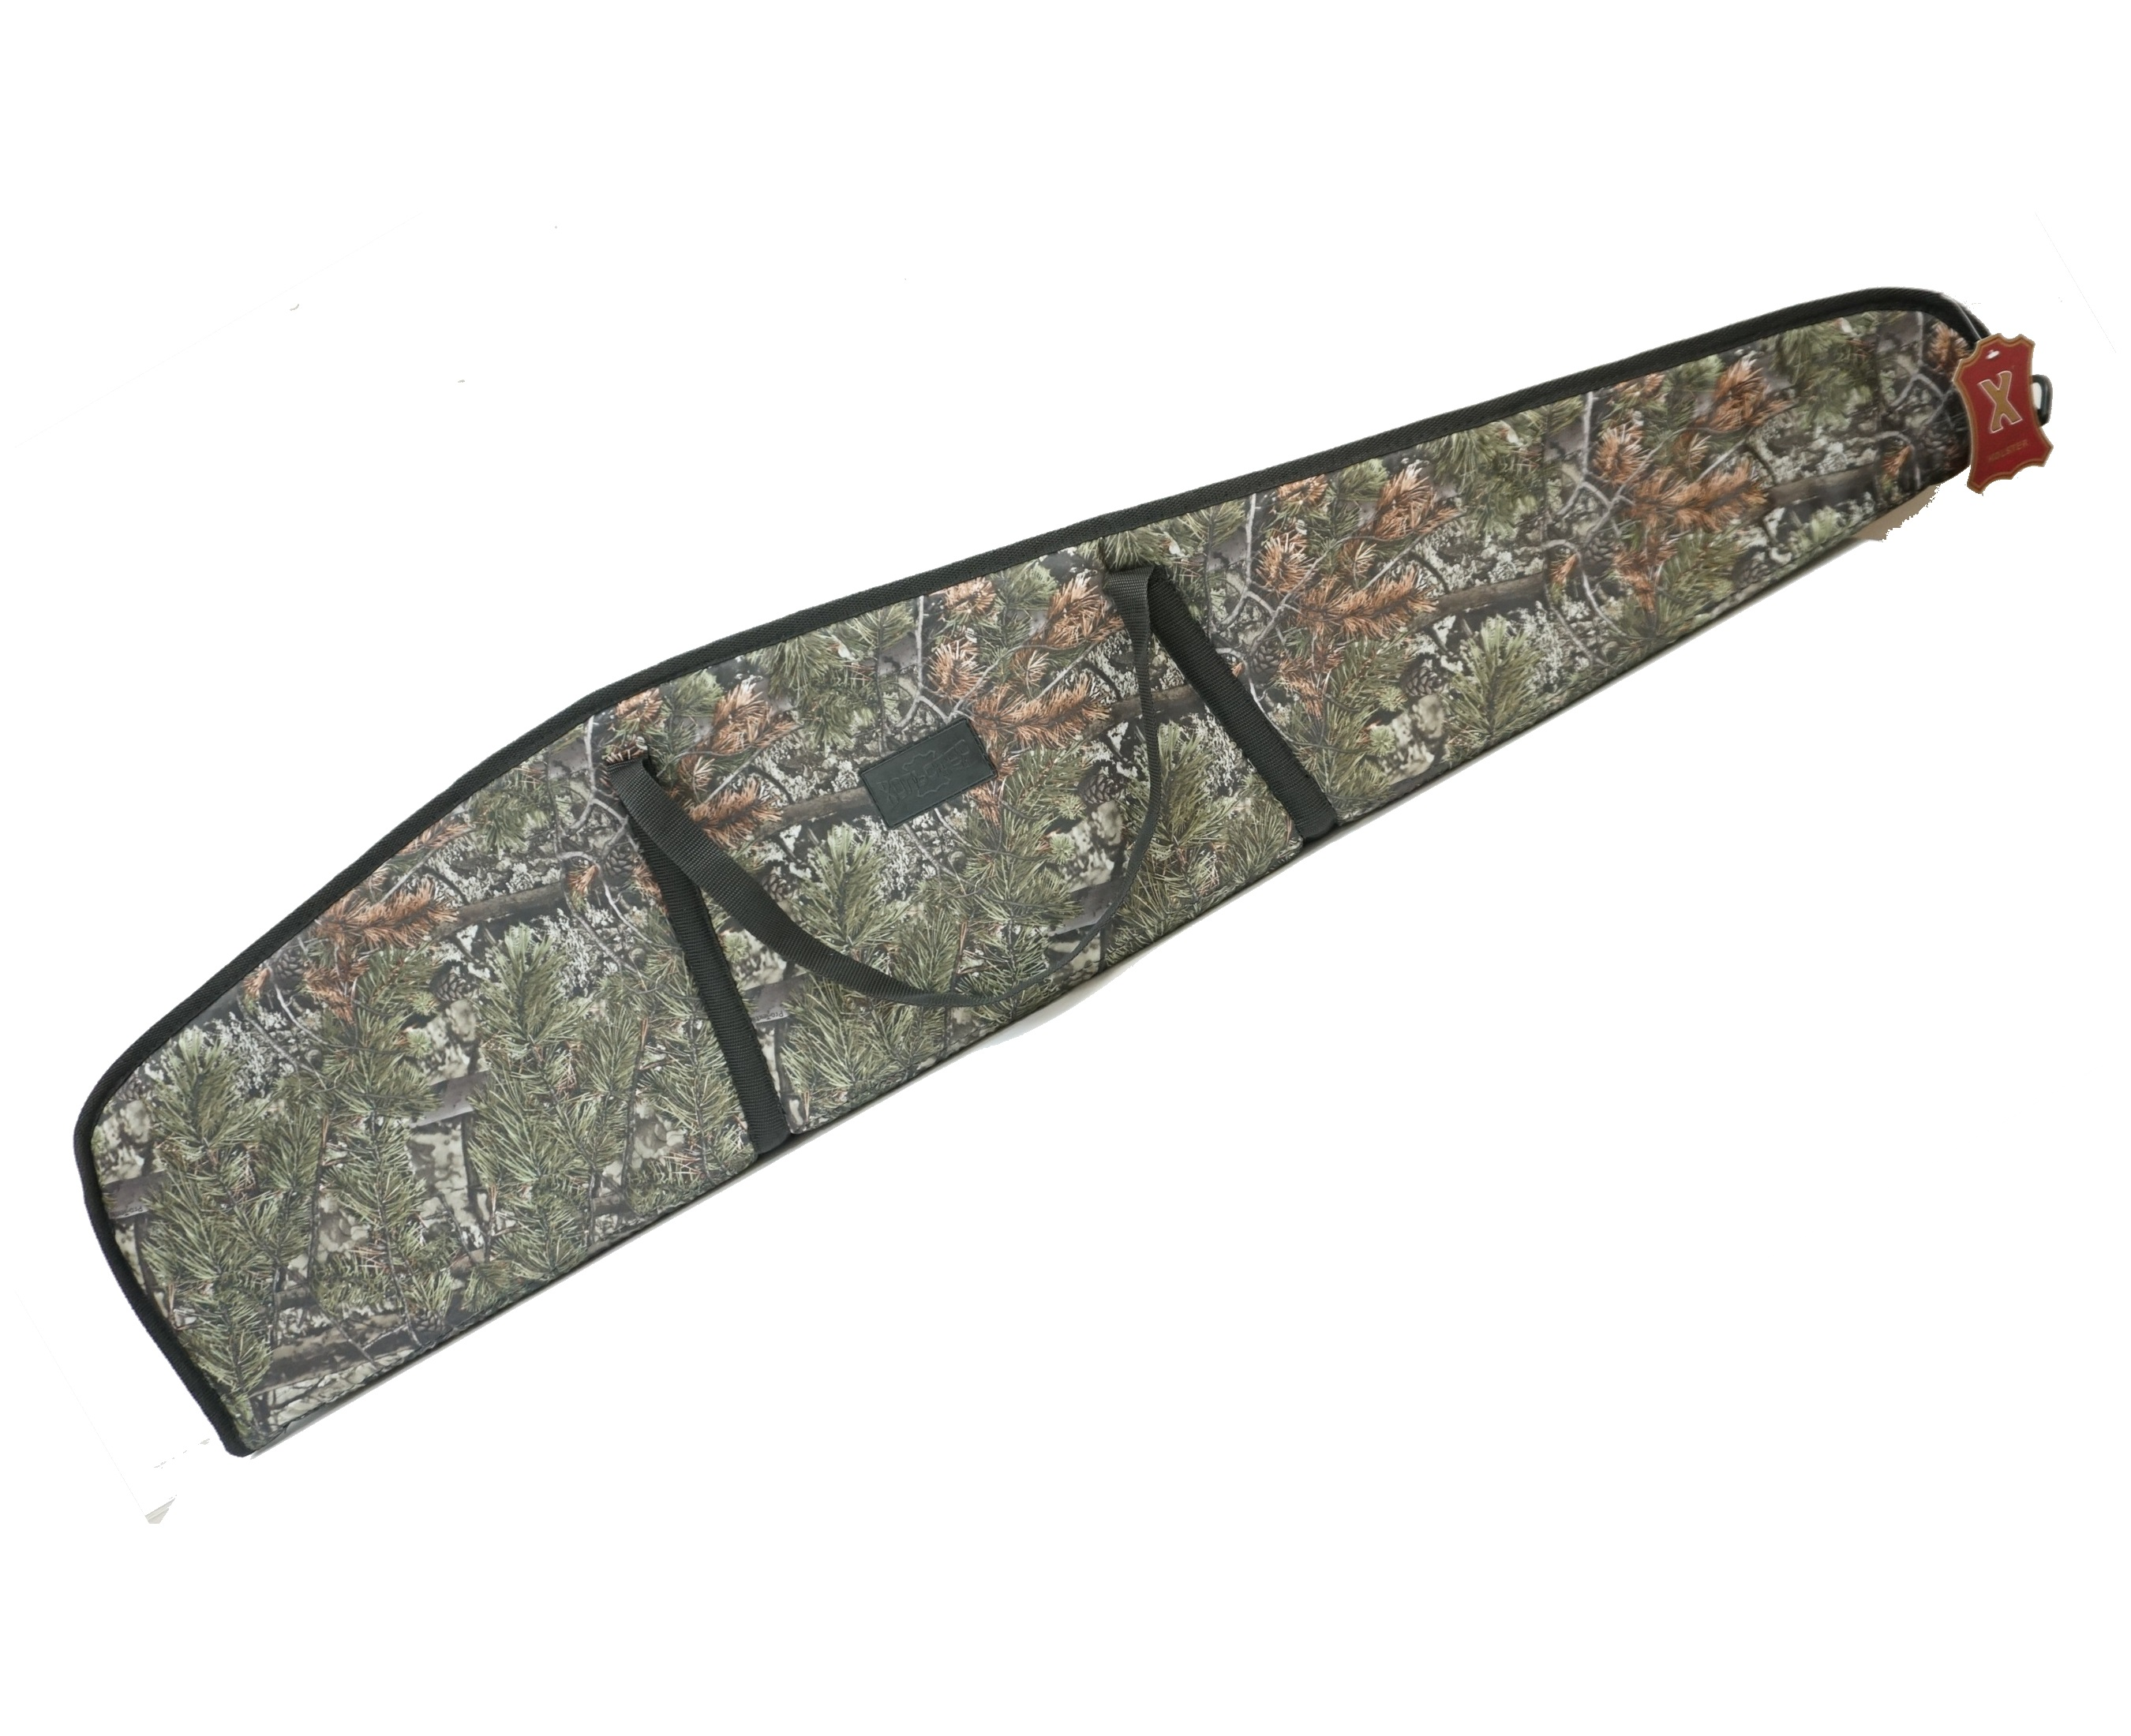 Чехол-кейс 125 см, с оптикой (синтетическая ткань)